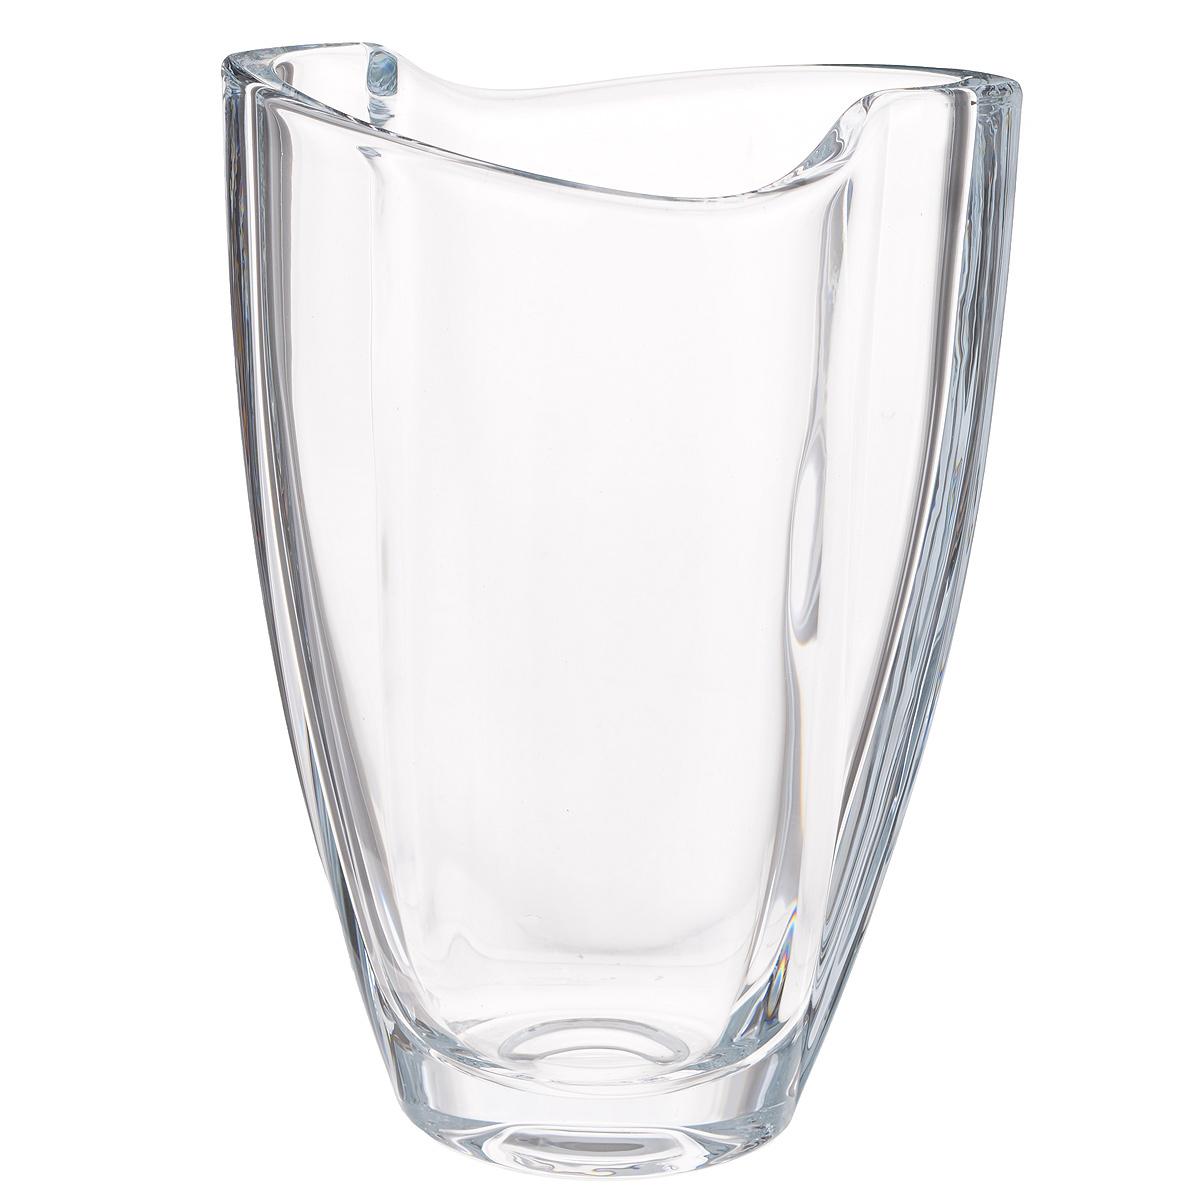 Ваза Crystalite Bohemia Смайл, высота 23 см8K007/0/99107/230Изящная ваза Crystalite Bohemia Смайл изготовлена из прочного утолщенного стекла кристалайт. Она красиво переливается и излучает приятный блеск. Ваза имеет оригинальную ассиметричную форму с плавными неровными краями, что делает ее изящным украшением интерьера. Ваза Crystalite Bohemia Смайл дополнит интерьер офиса или дома и станет желанным и стильным подарком.